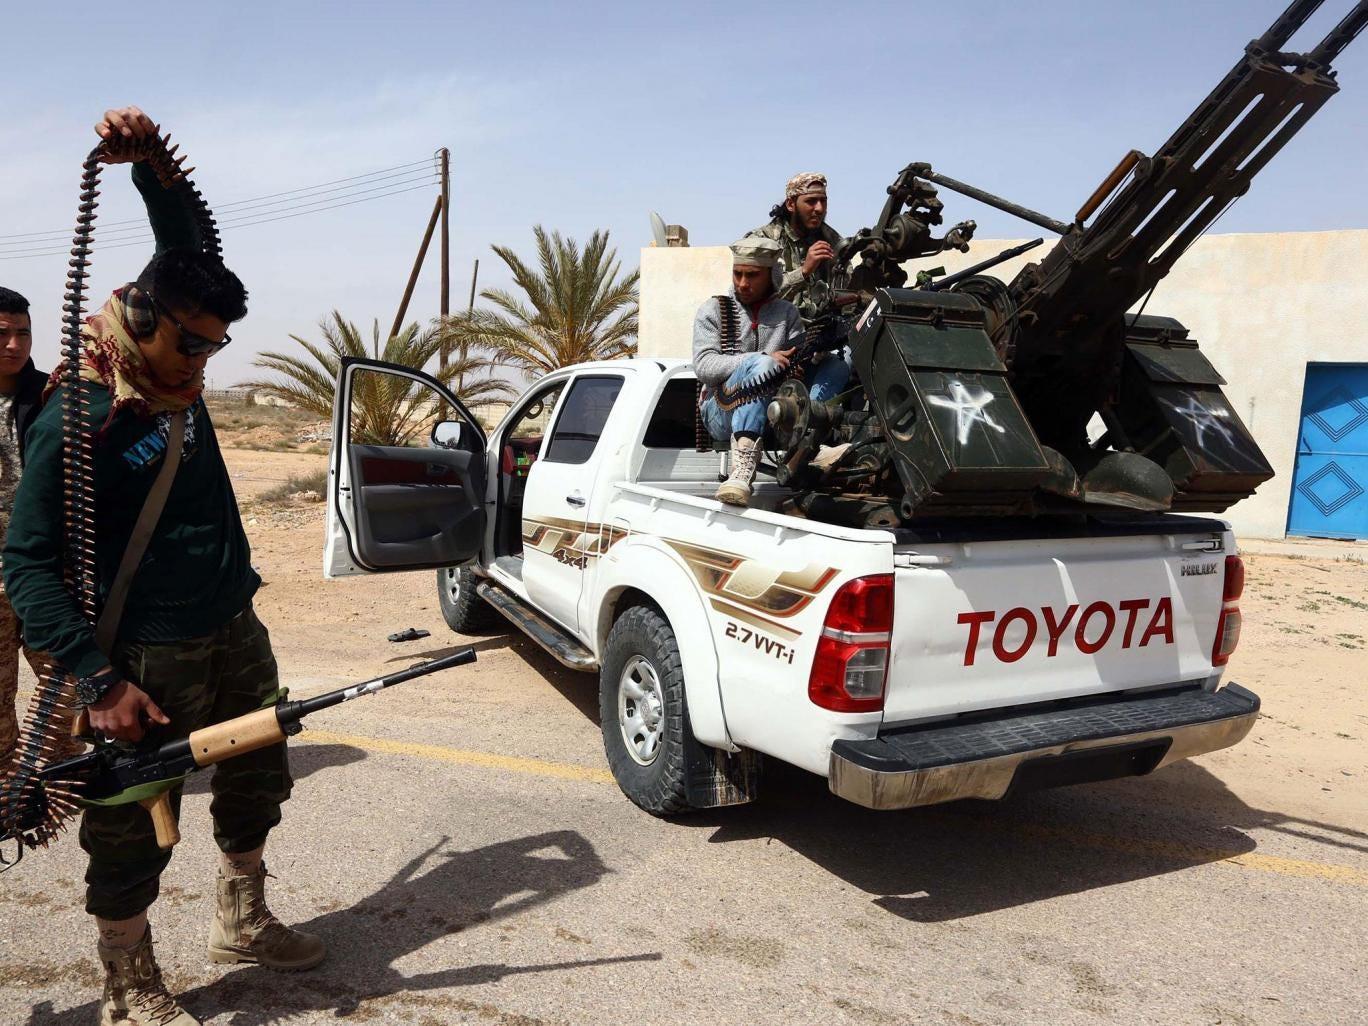 الاندبندنت البريطانية:بريطانيا في حرب في ليبياولا احد يخبرنا Web-libya-soldiers-get